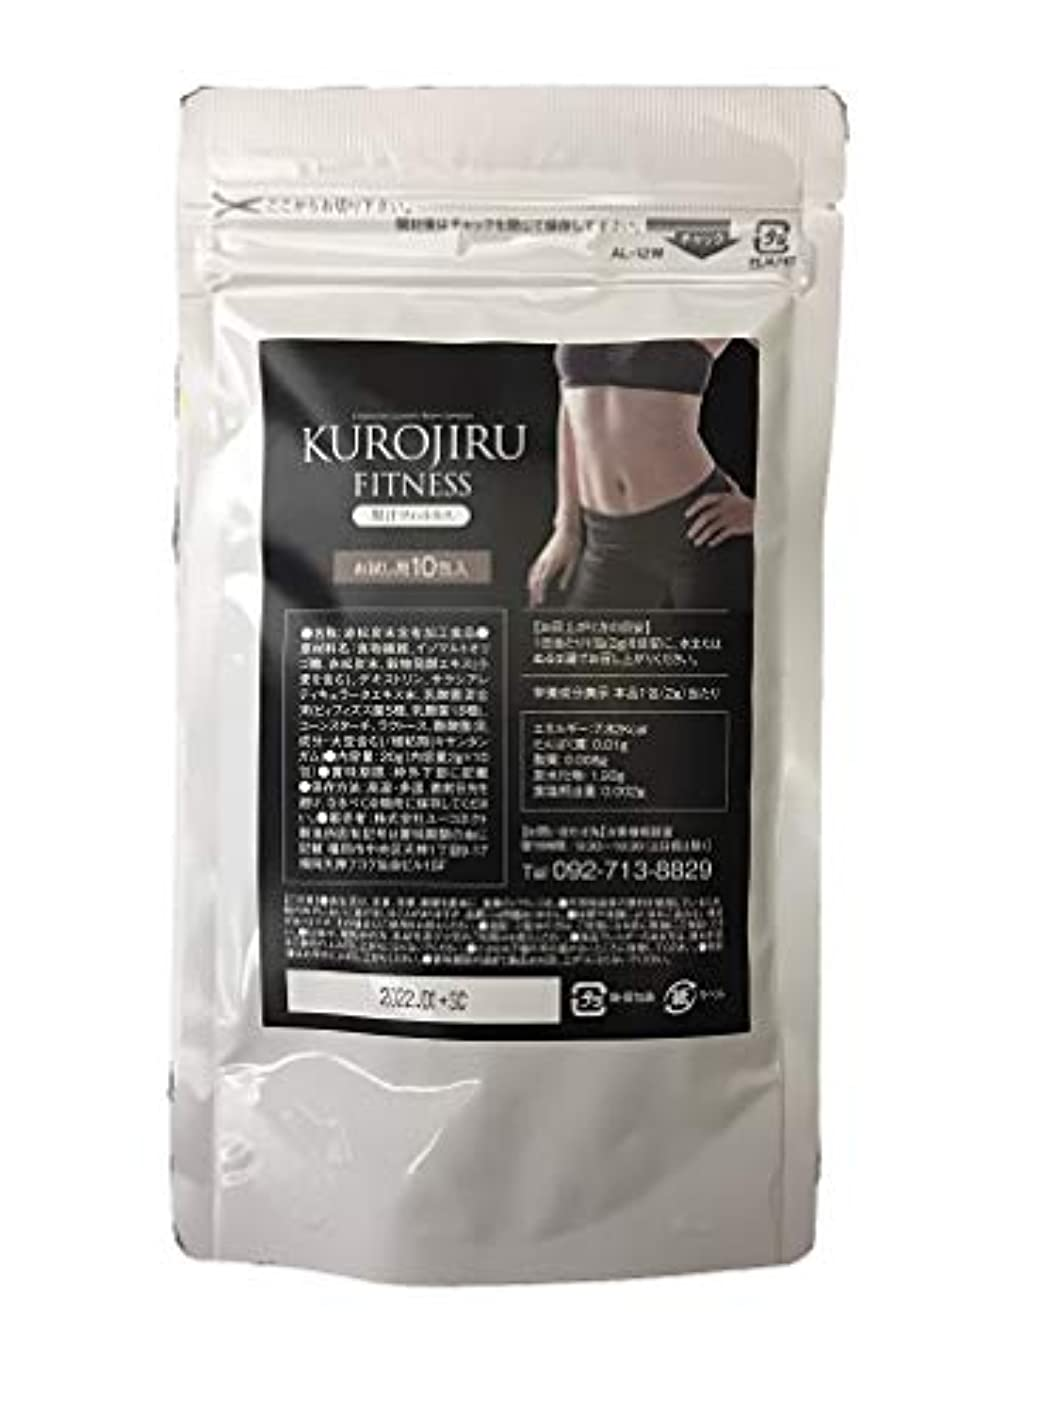 宮殿通常ぼんやりした黒汁フィットネス(KUROJIRU FITNESS) 10包 チャコールクレンズ 赤松活性炭 オリゴ糖 サラシアエキス 酵素